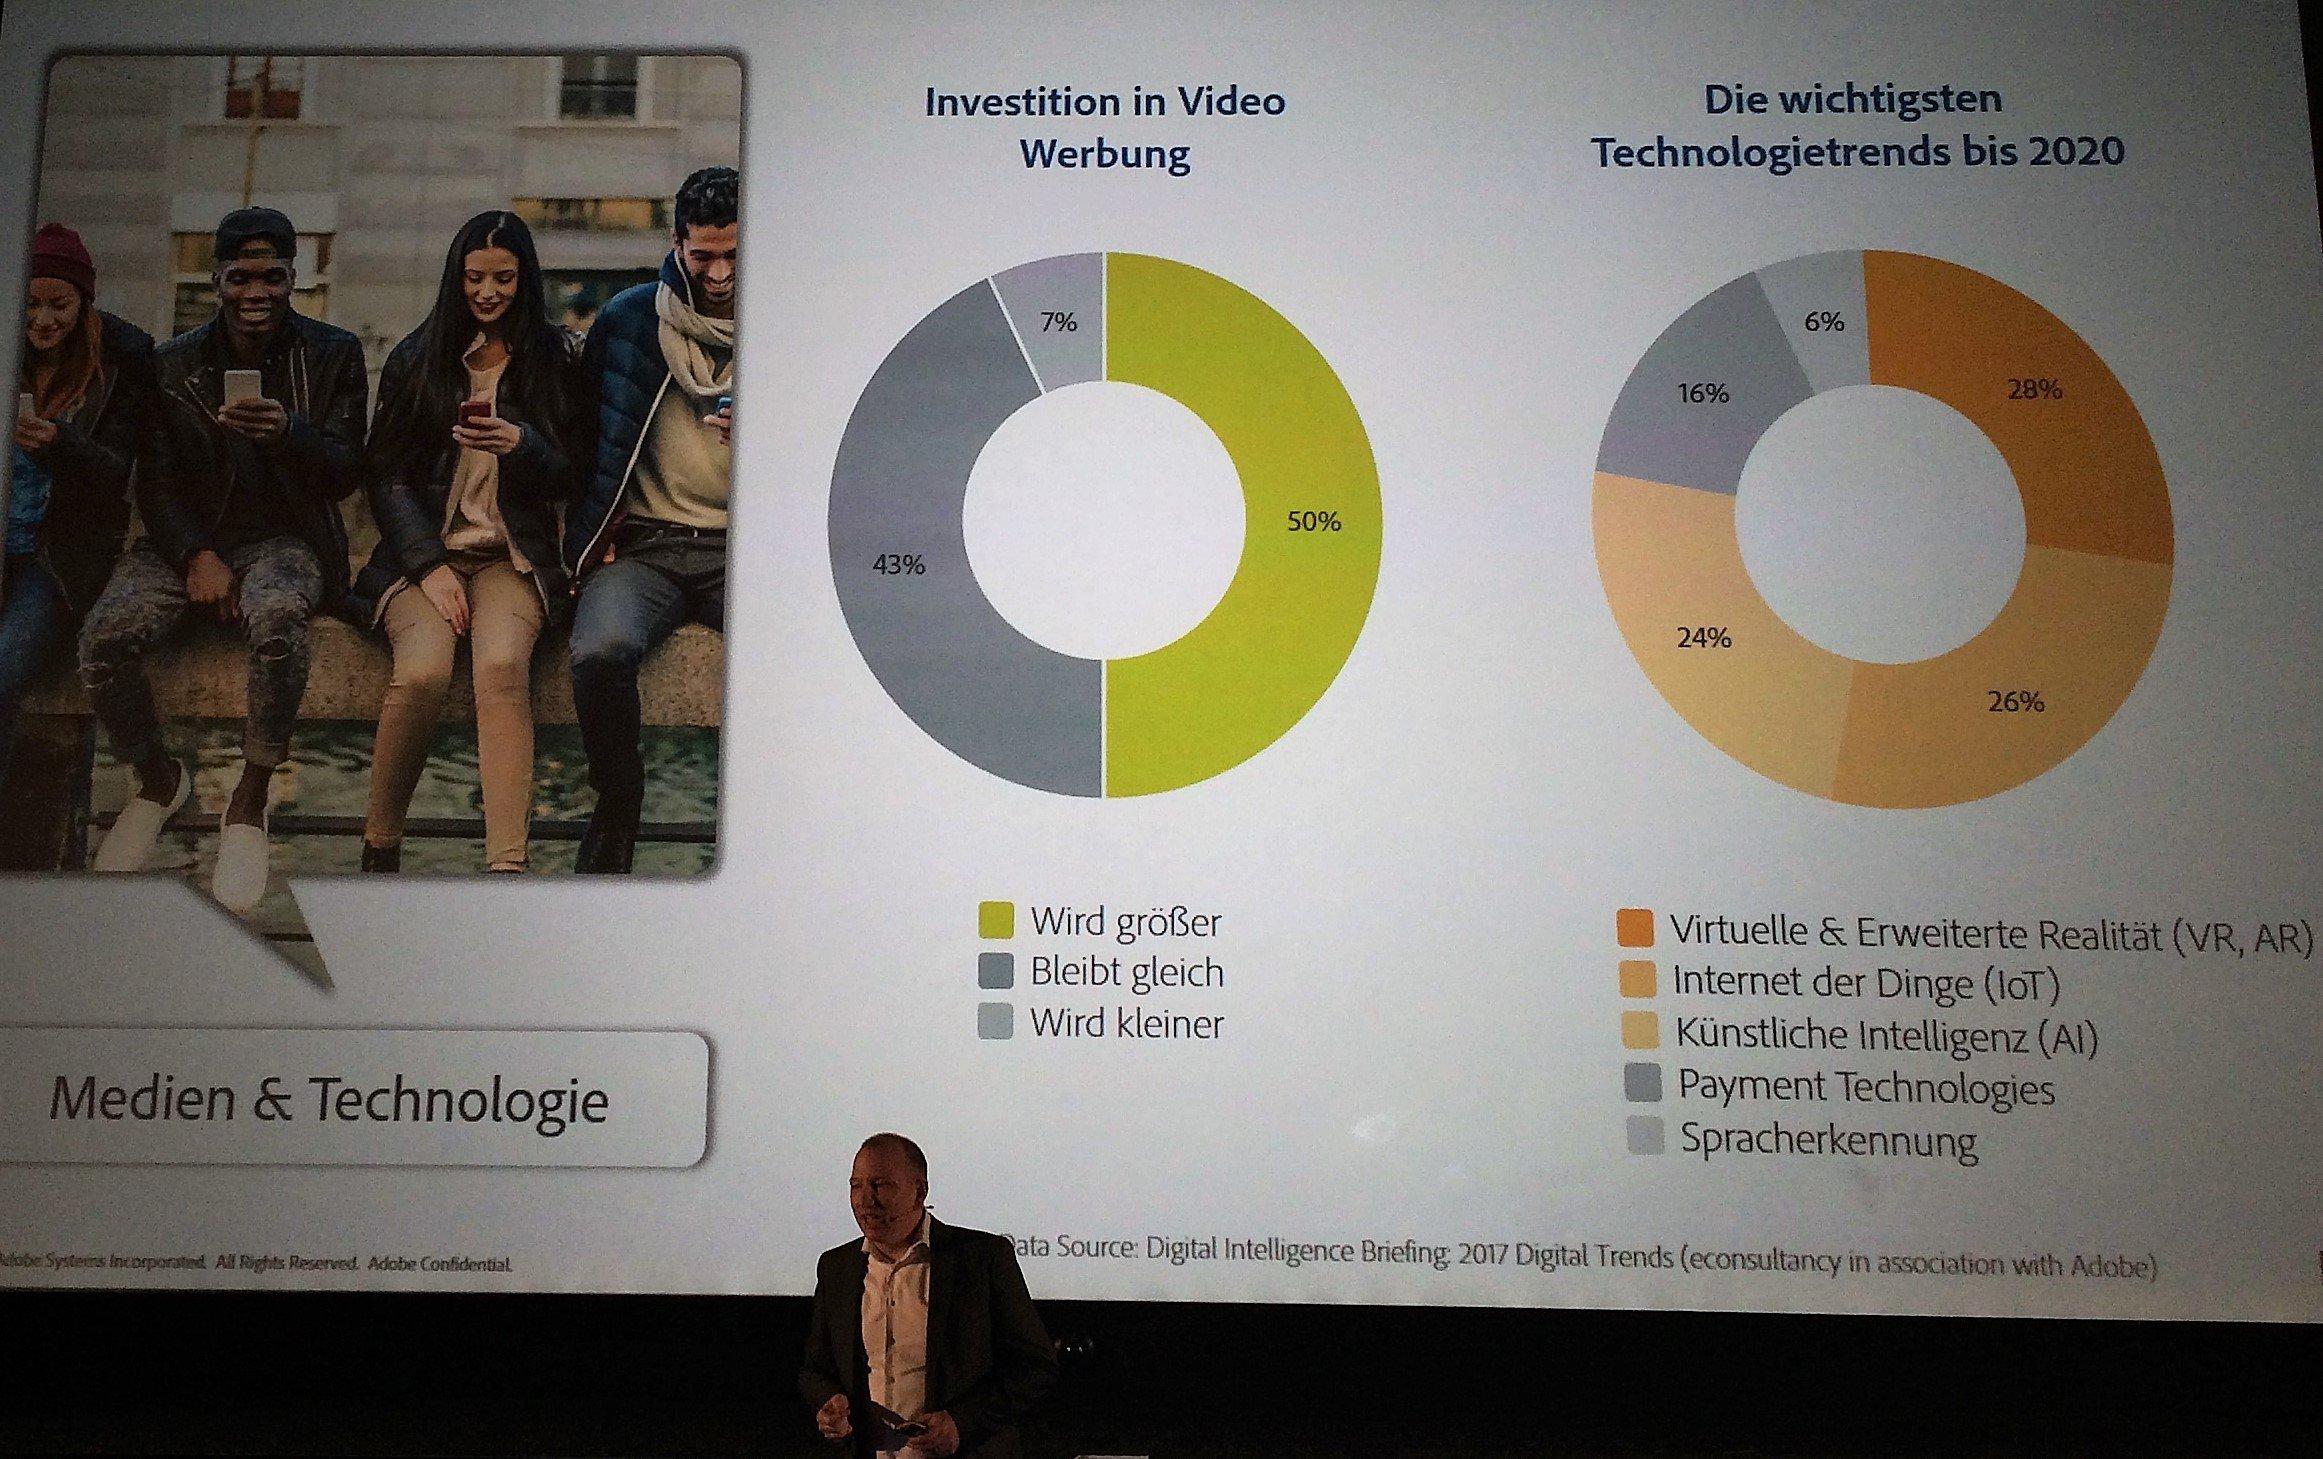 Investitionen in Video-Marketing steigen